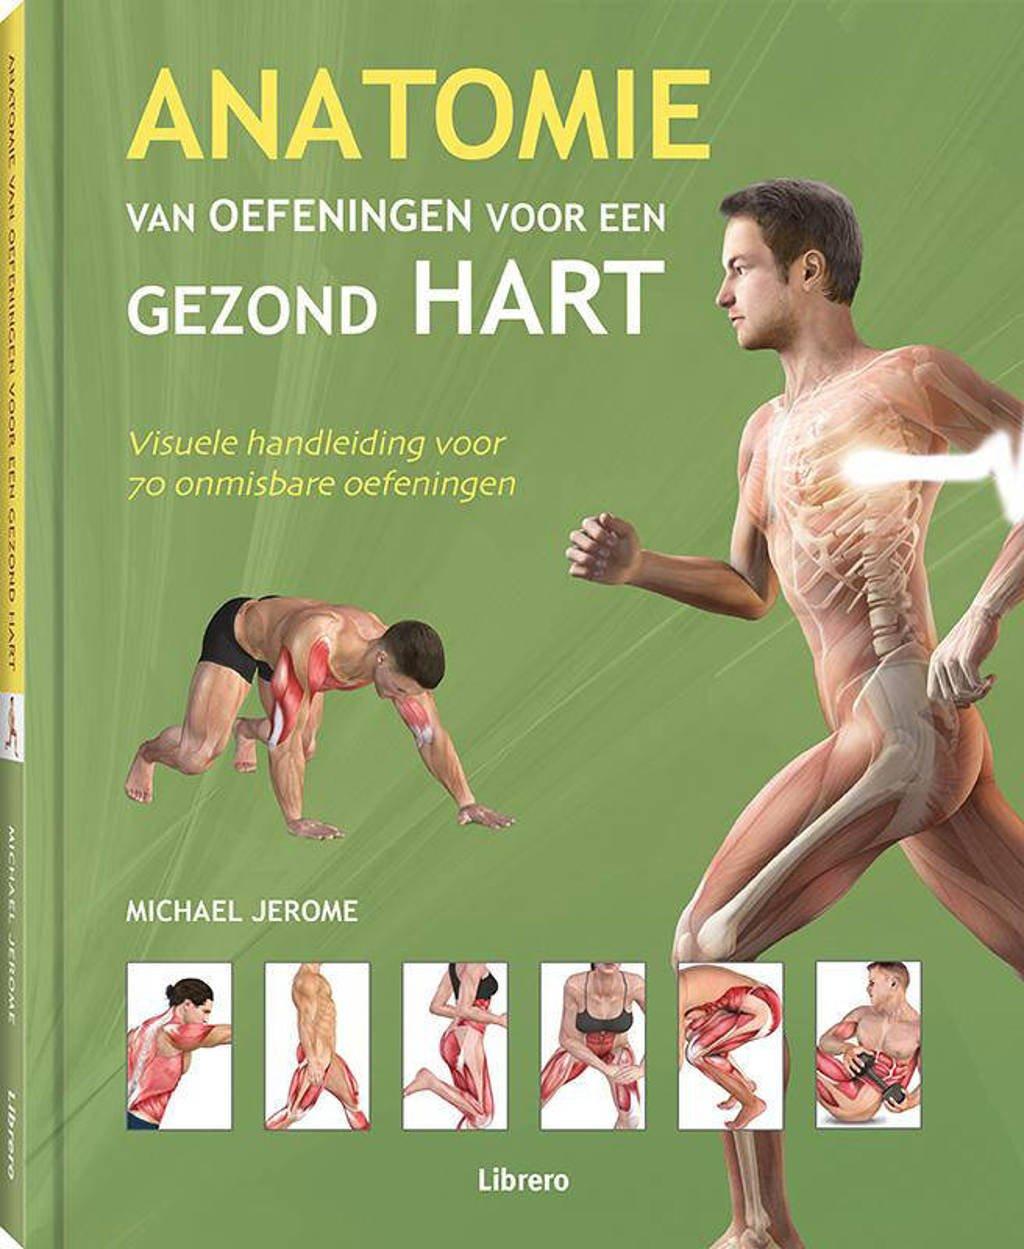 Anatomie van oefeningen voor een gezond hart - Michael Jerome